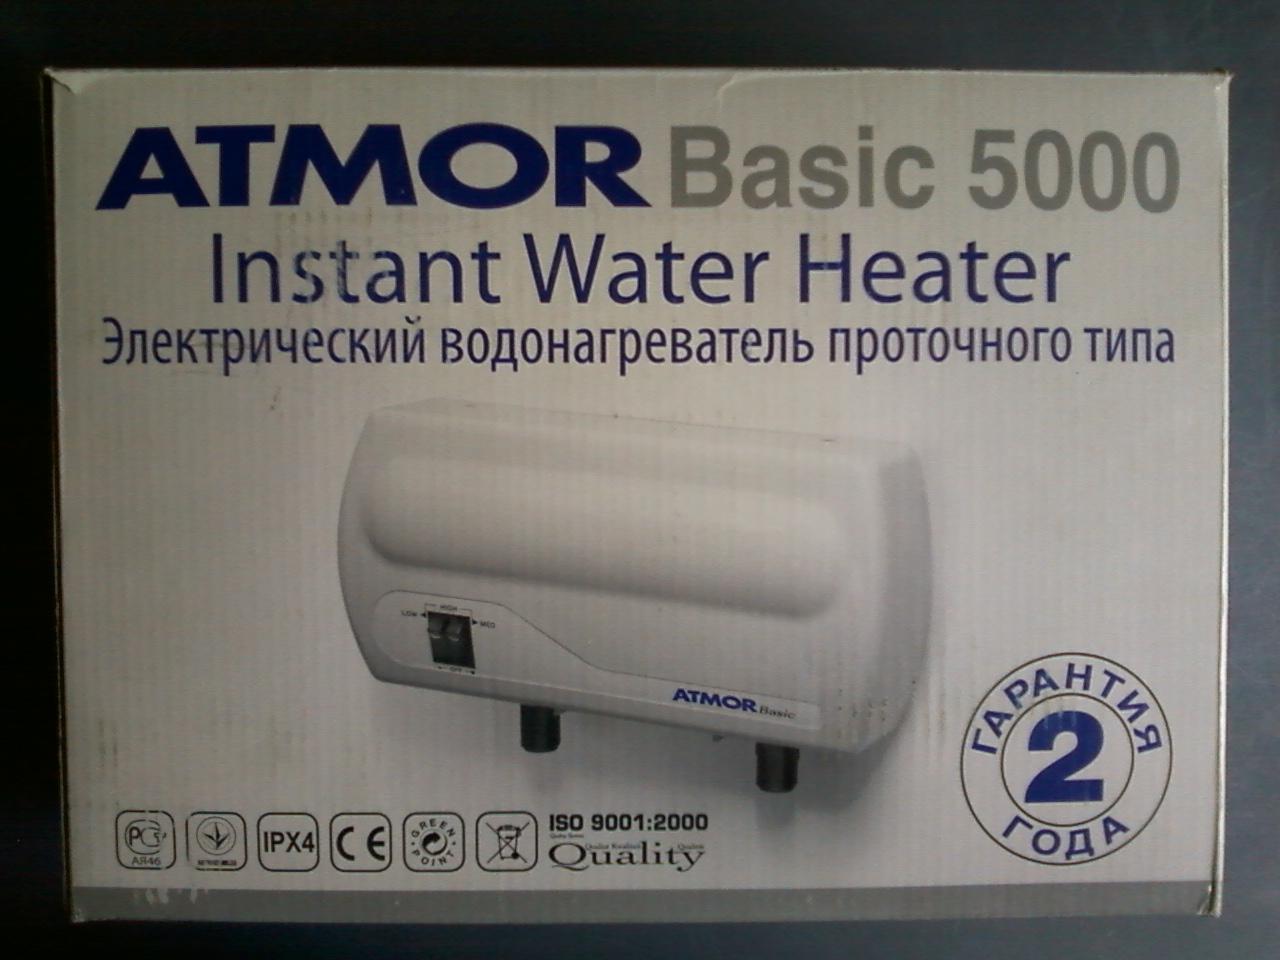 Атмор проточный водонагреватель ремонт своими руками